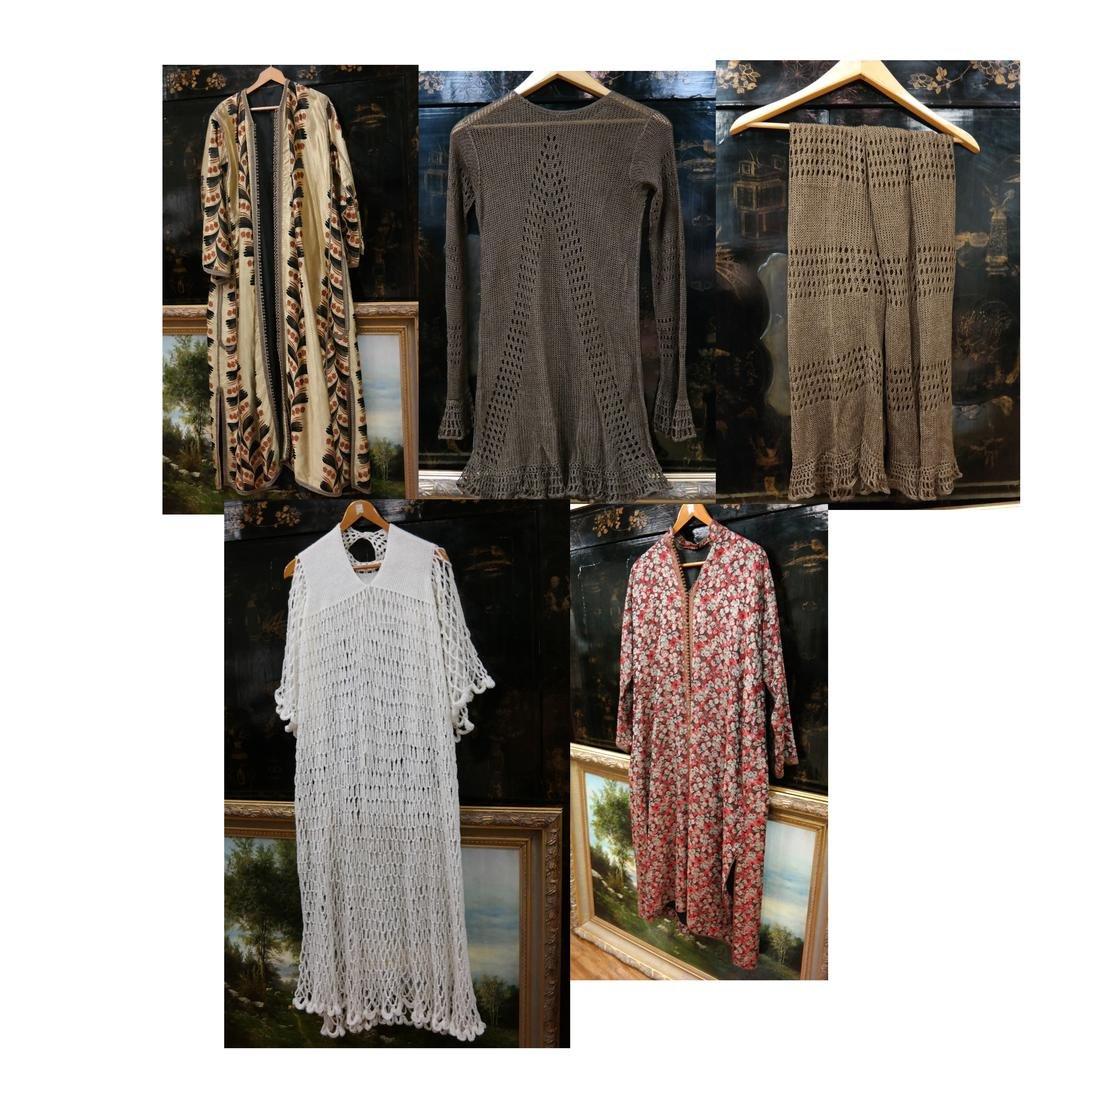 Group of Ladies' Vintage Clothing